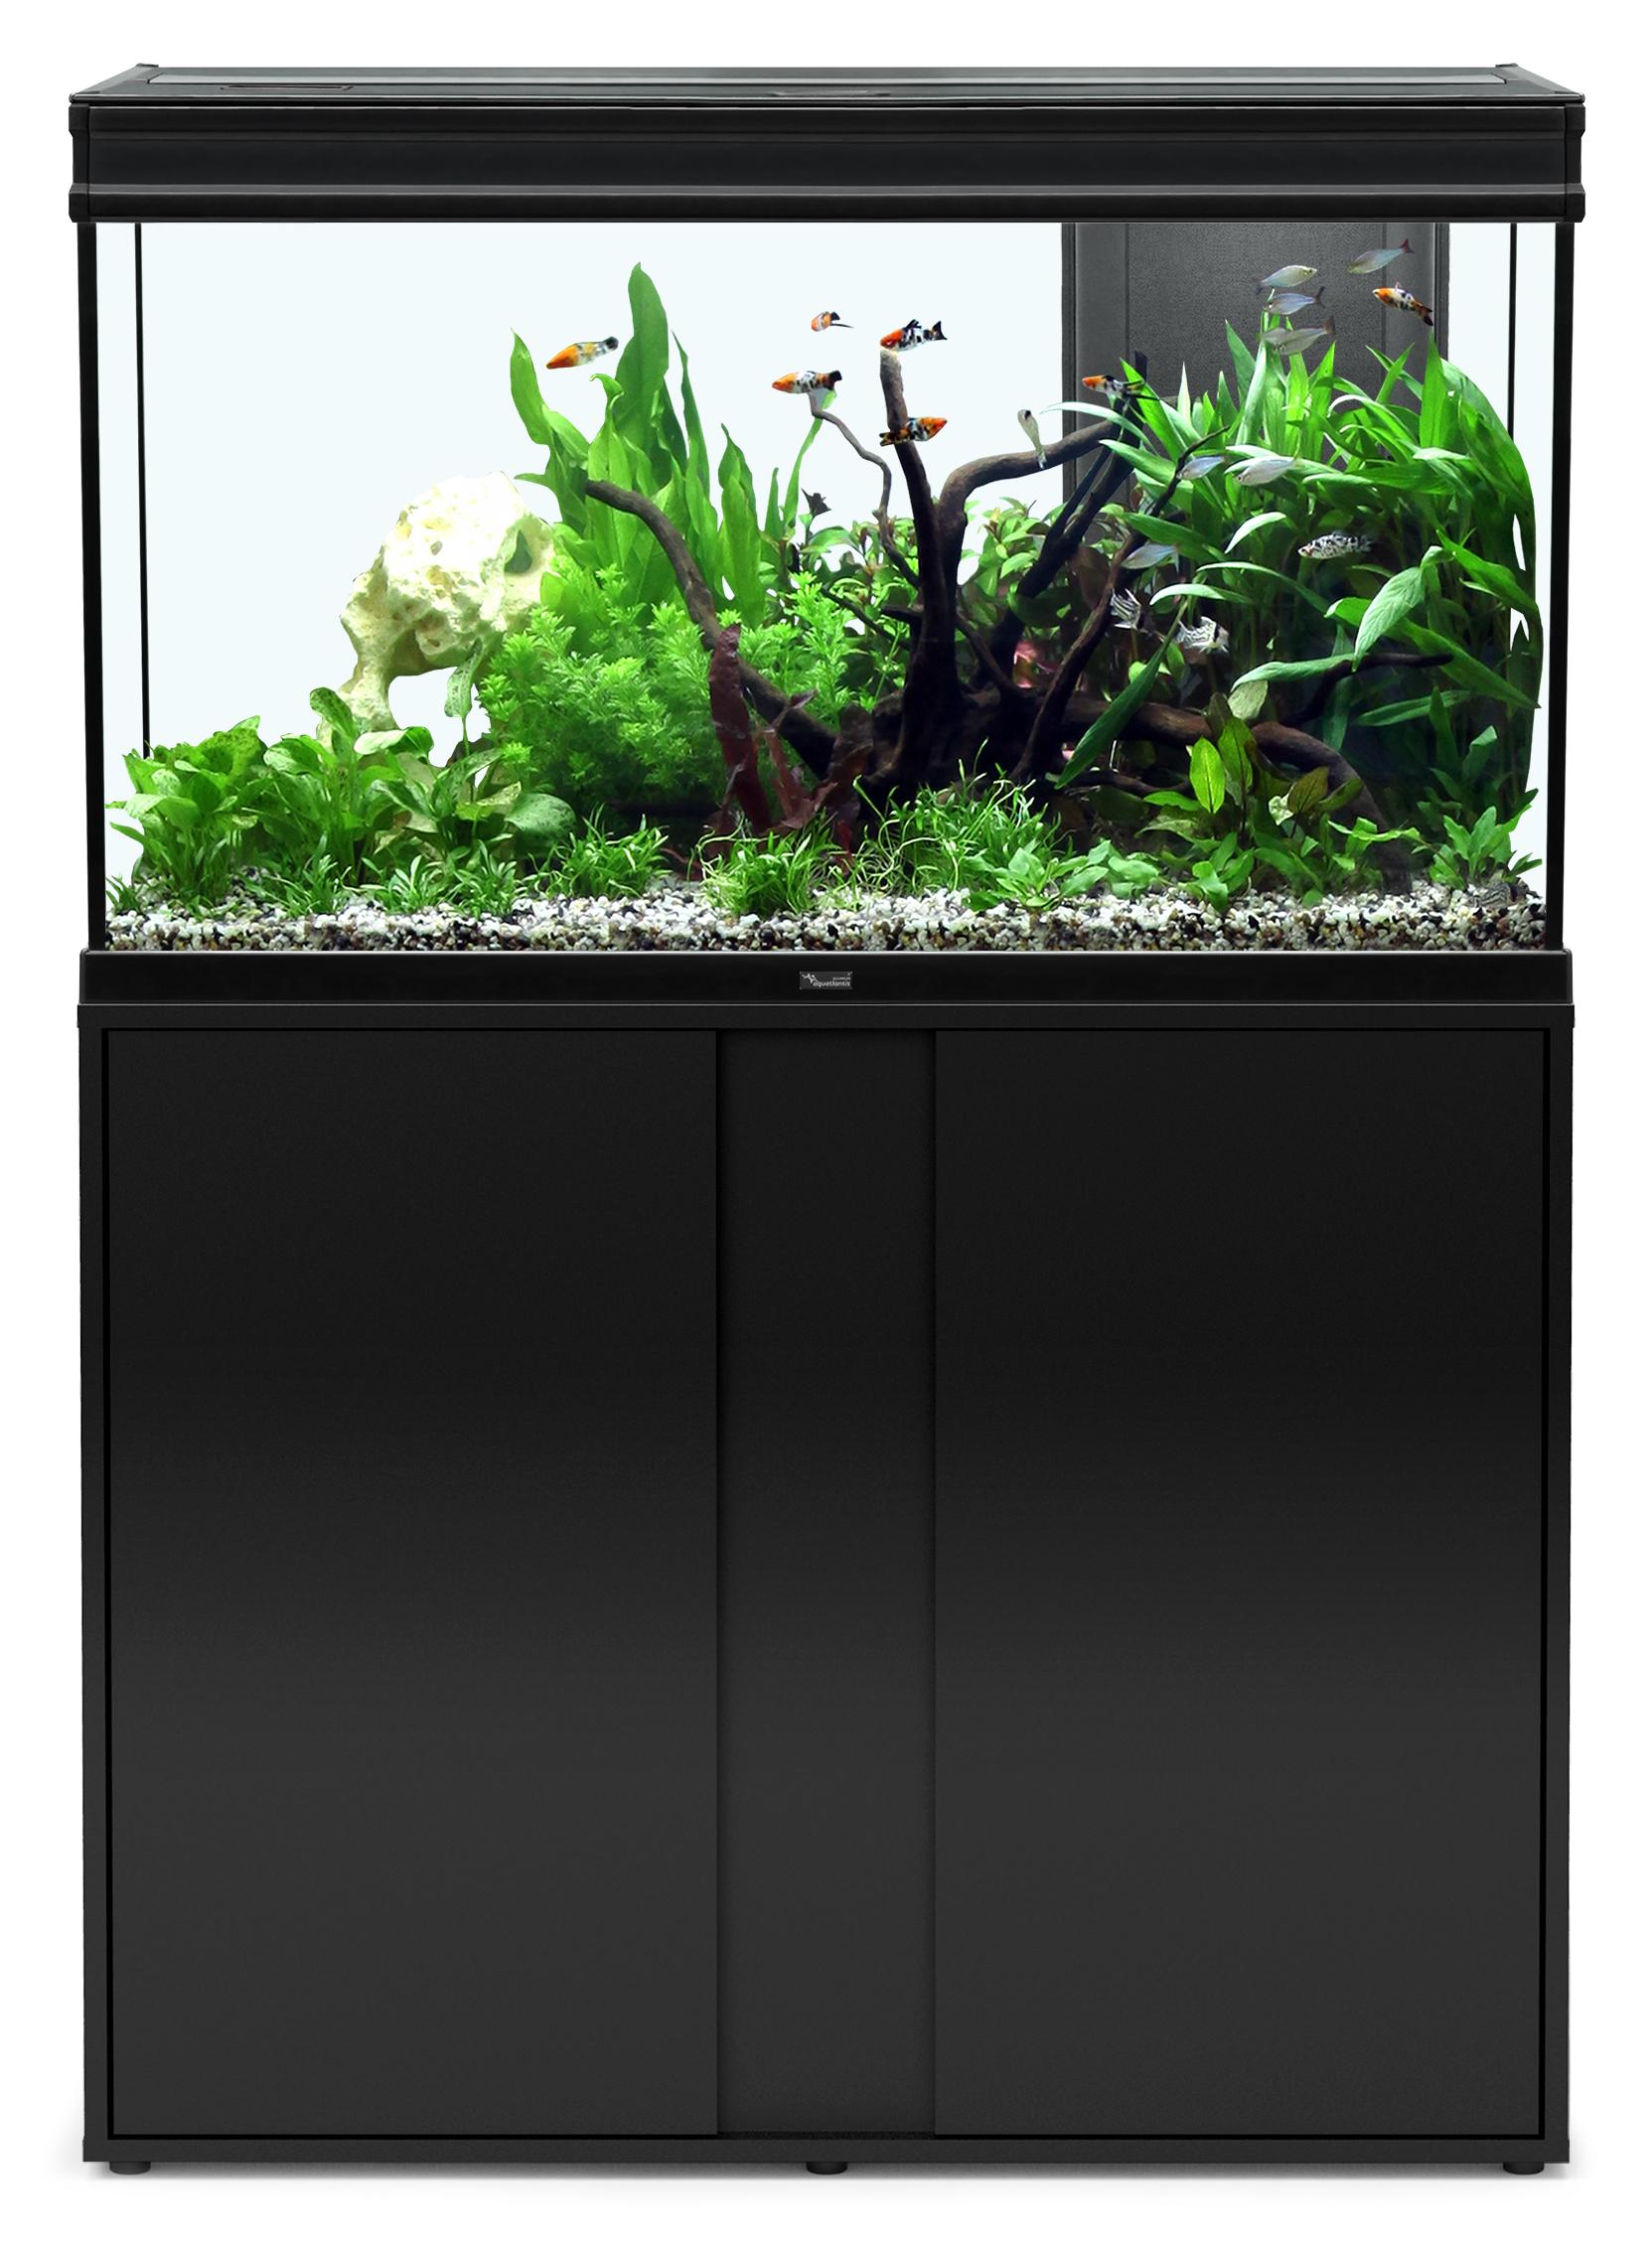 Aquatlantis ELEGANCE EXPERT 100 tout équipé Aquarium + Meuble; Couleur - Noir